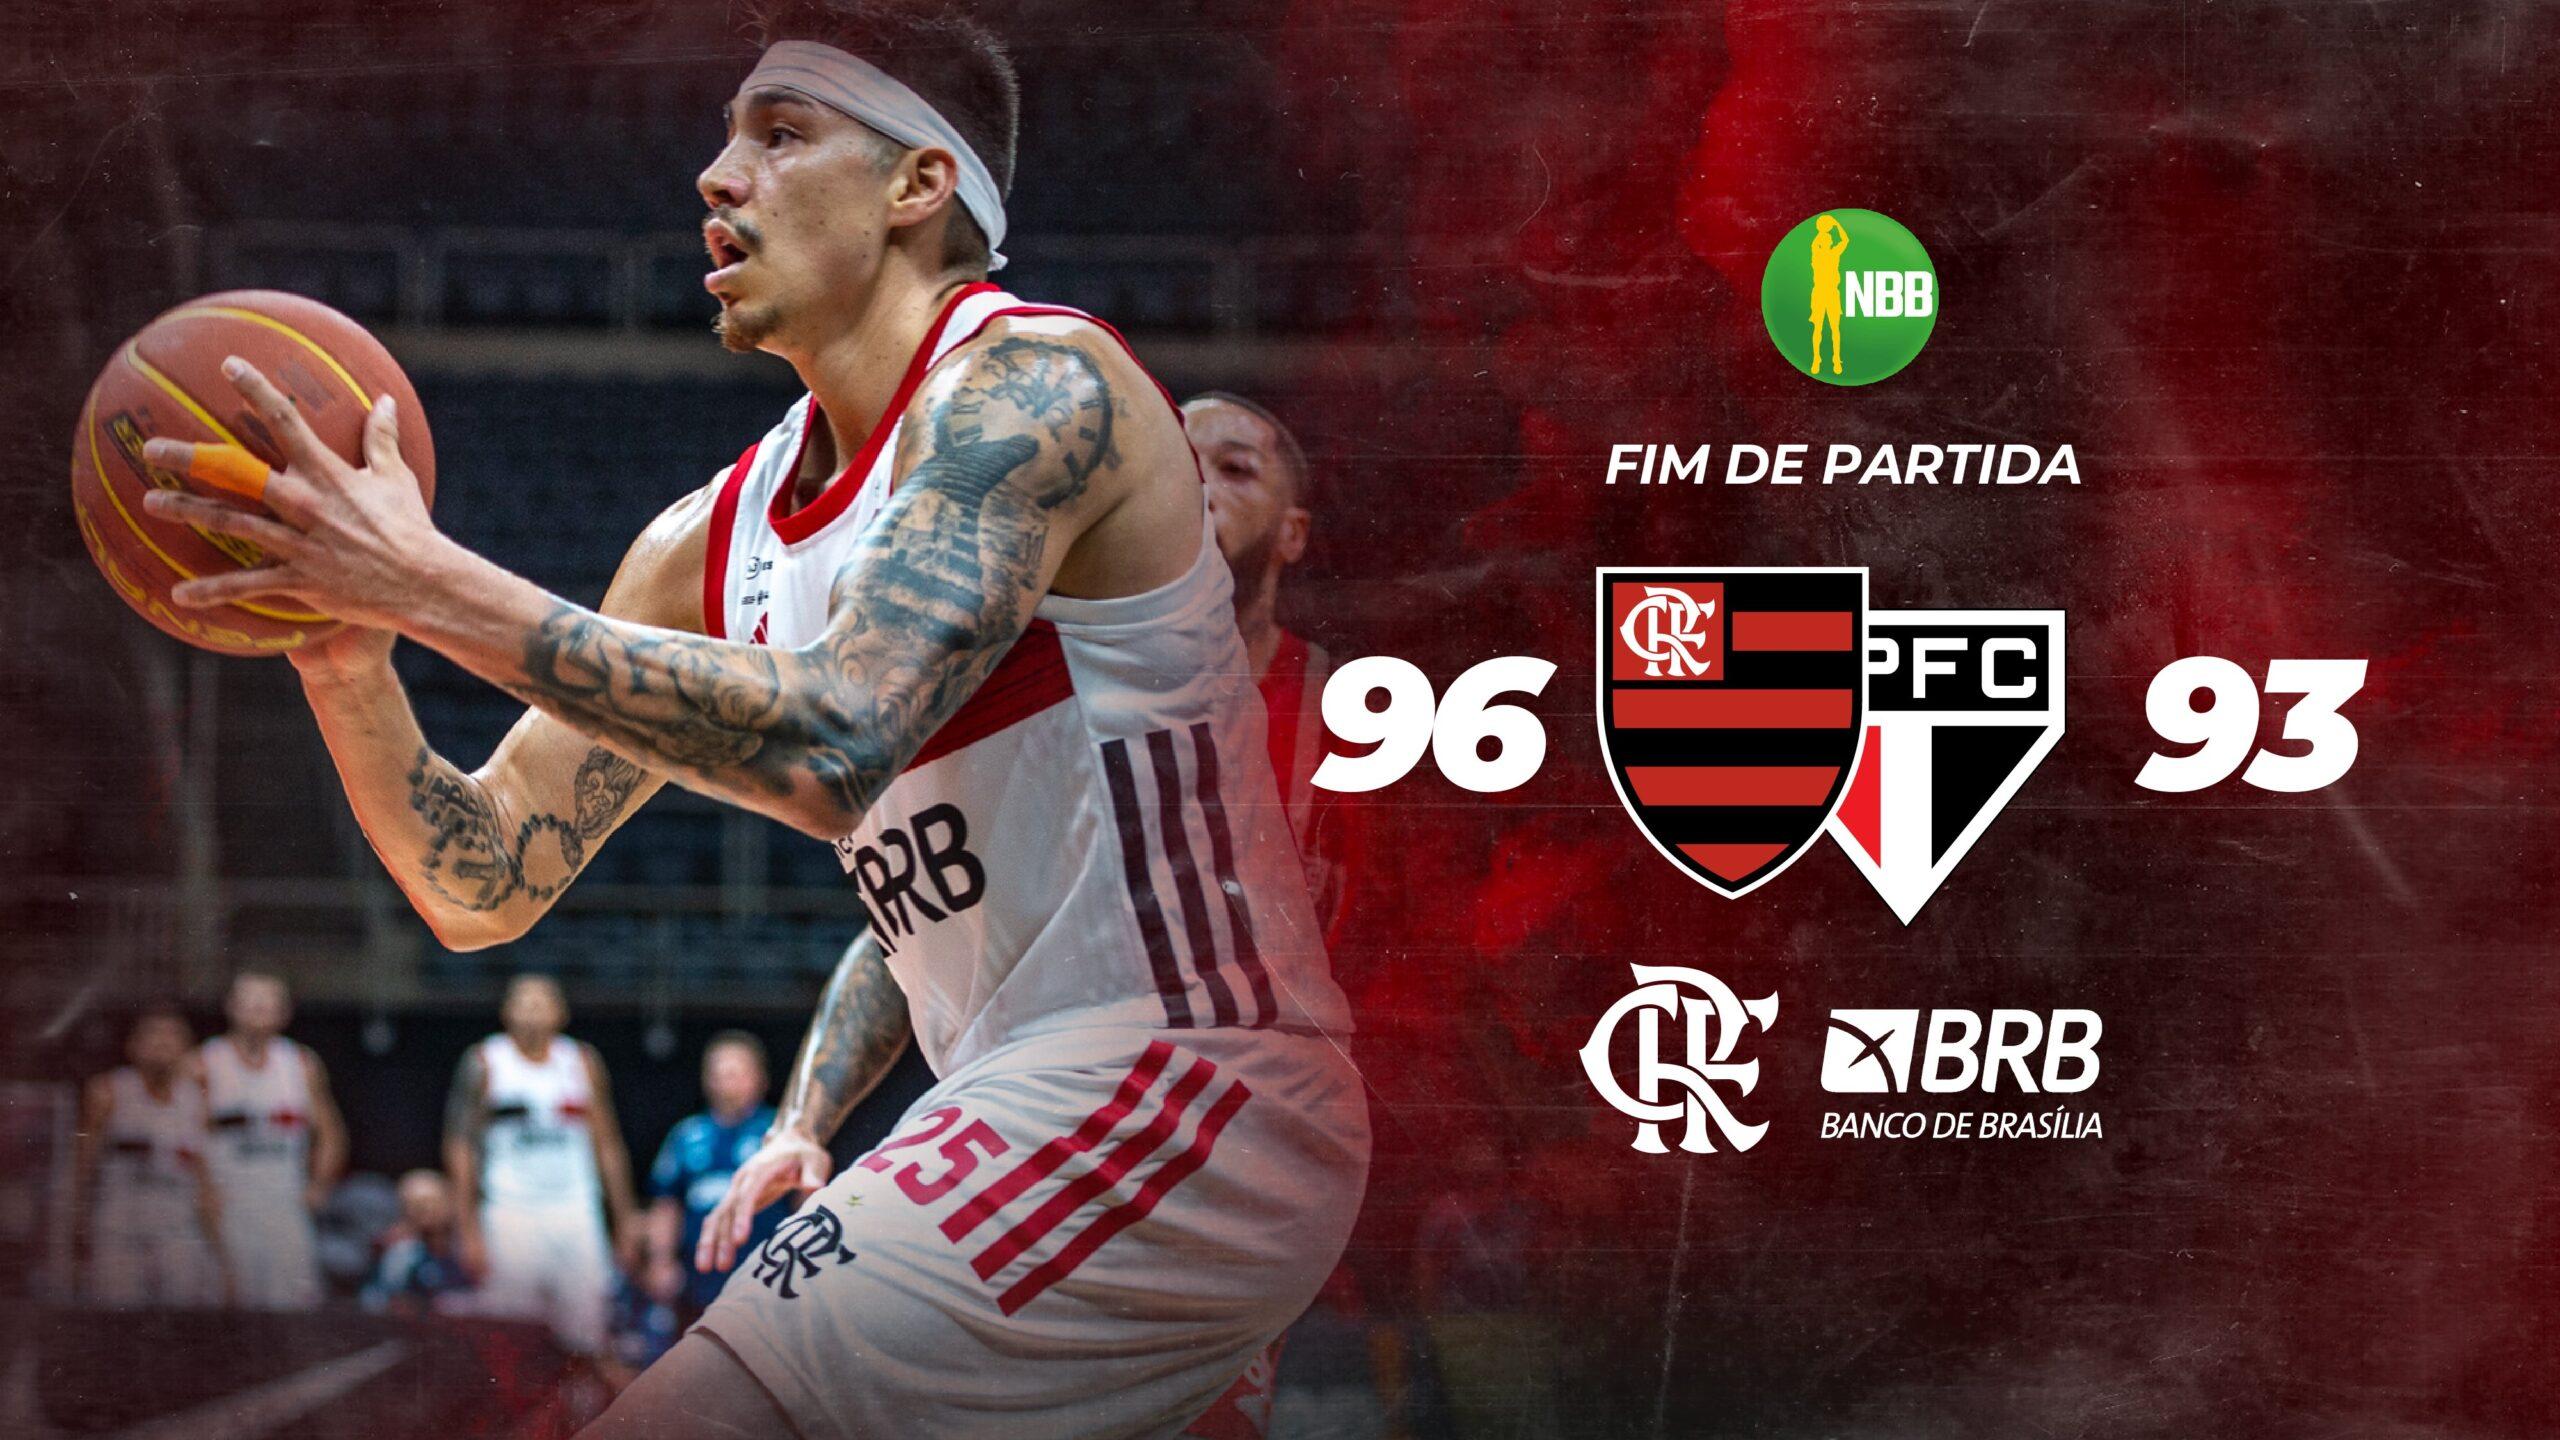 Flamengo vence o São Paulo no jogo 1 da final do NBB